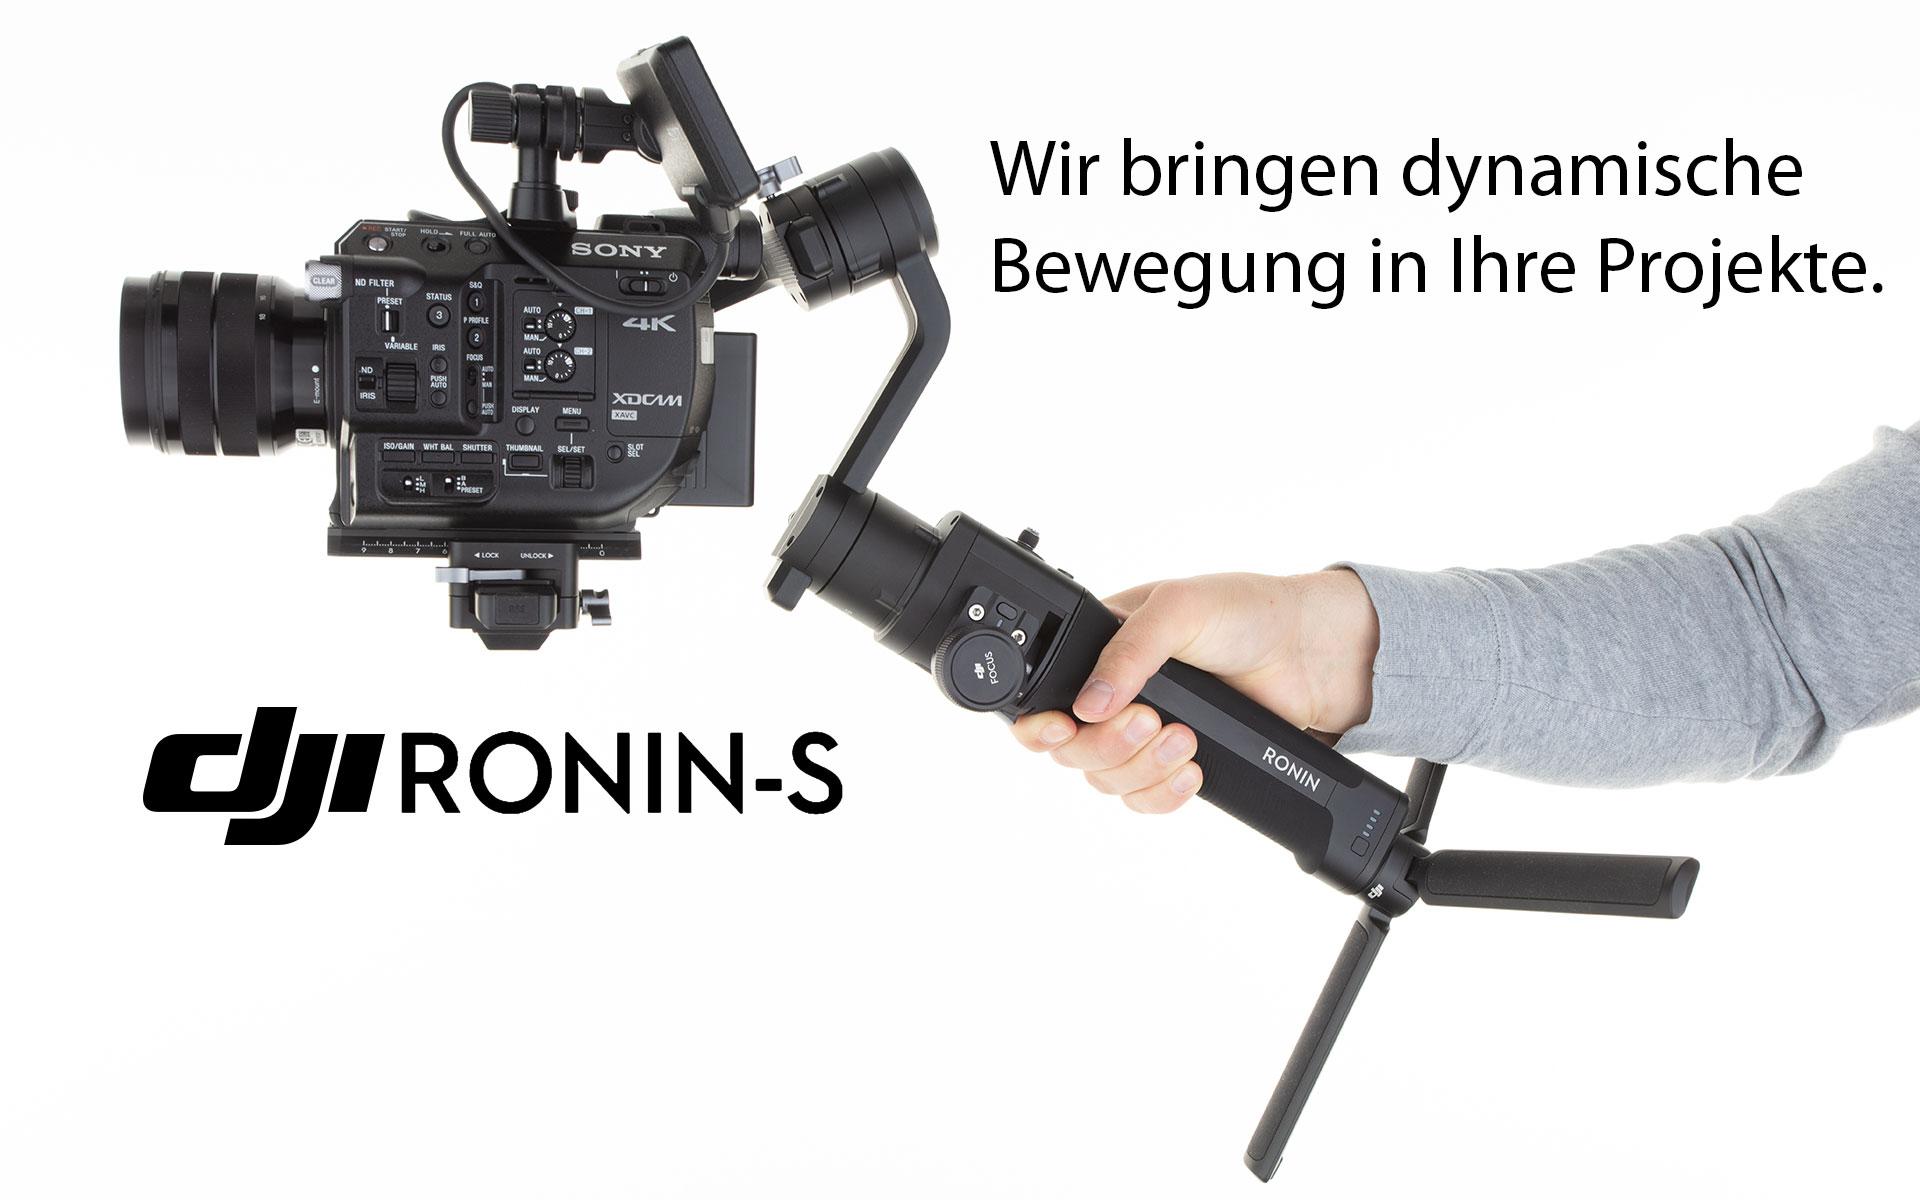 DJI-Ronin-S